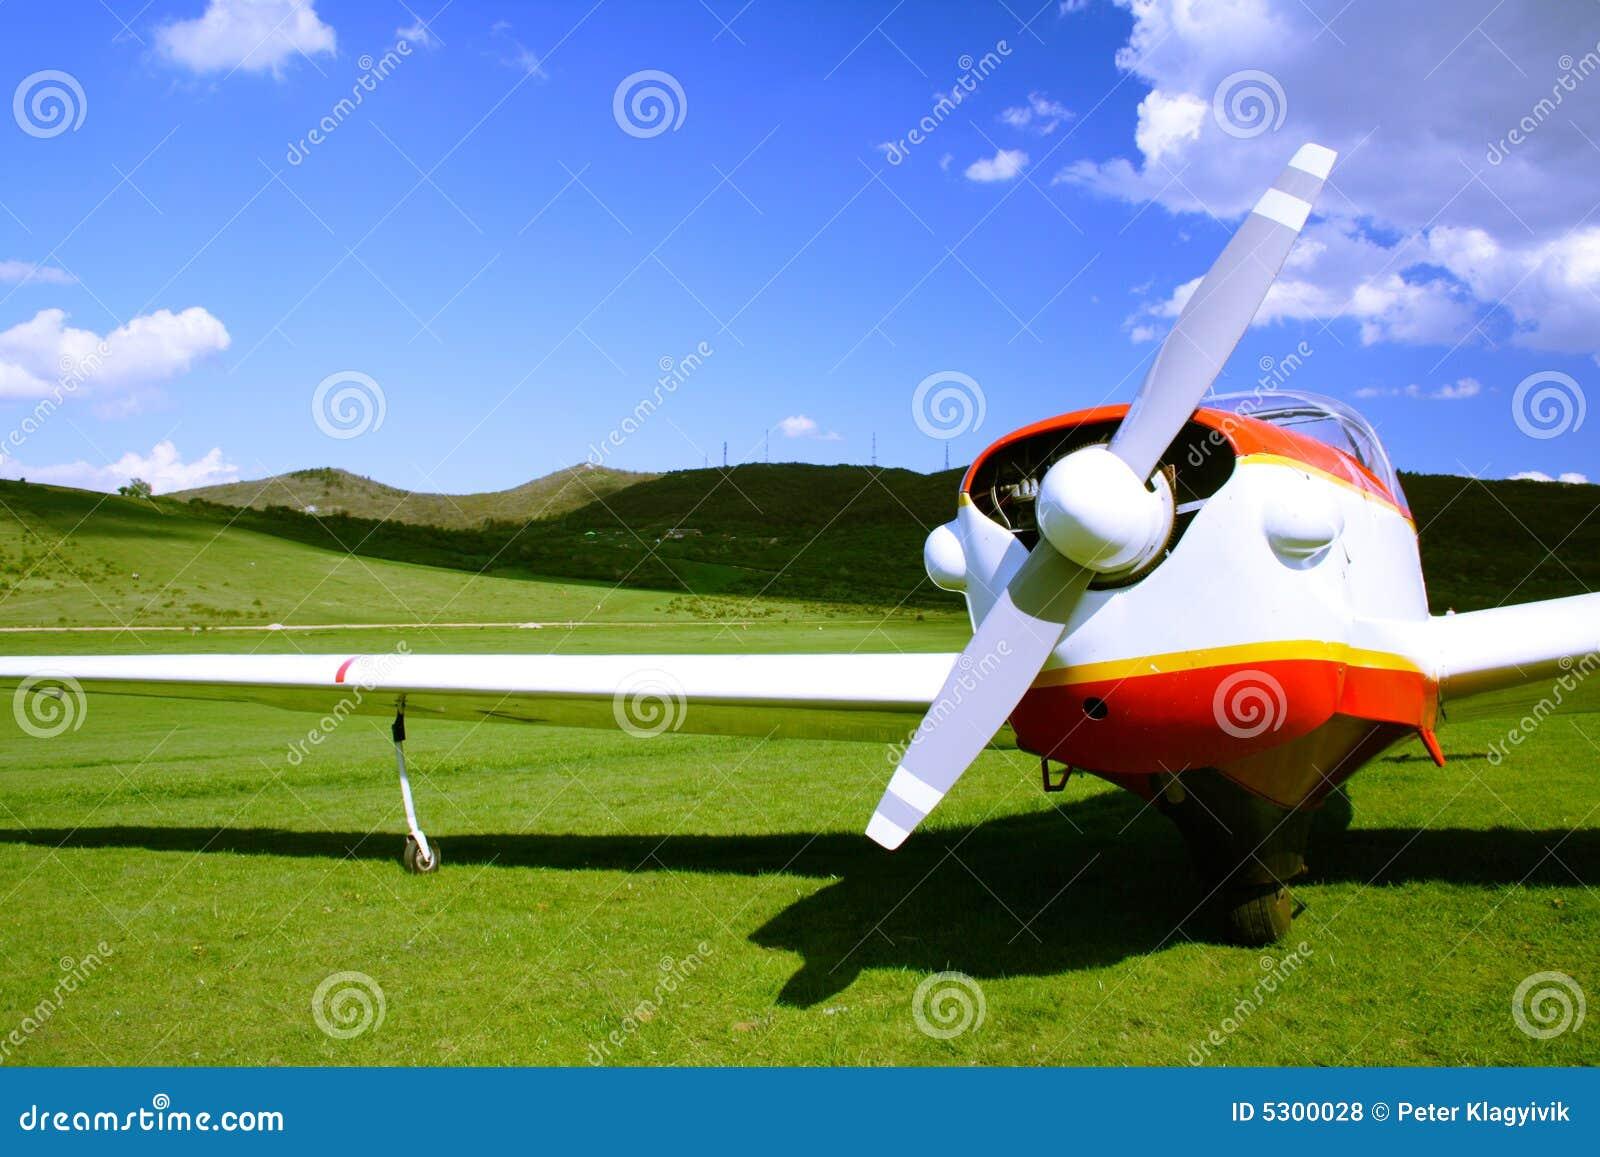 Download Aeroplano fotografia stock. Immagine di velivolo, orizzonte - 5300028